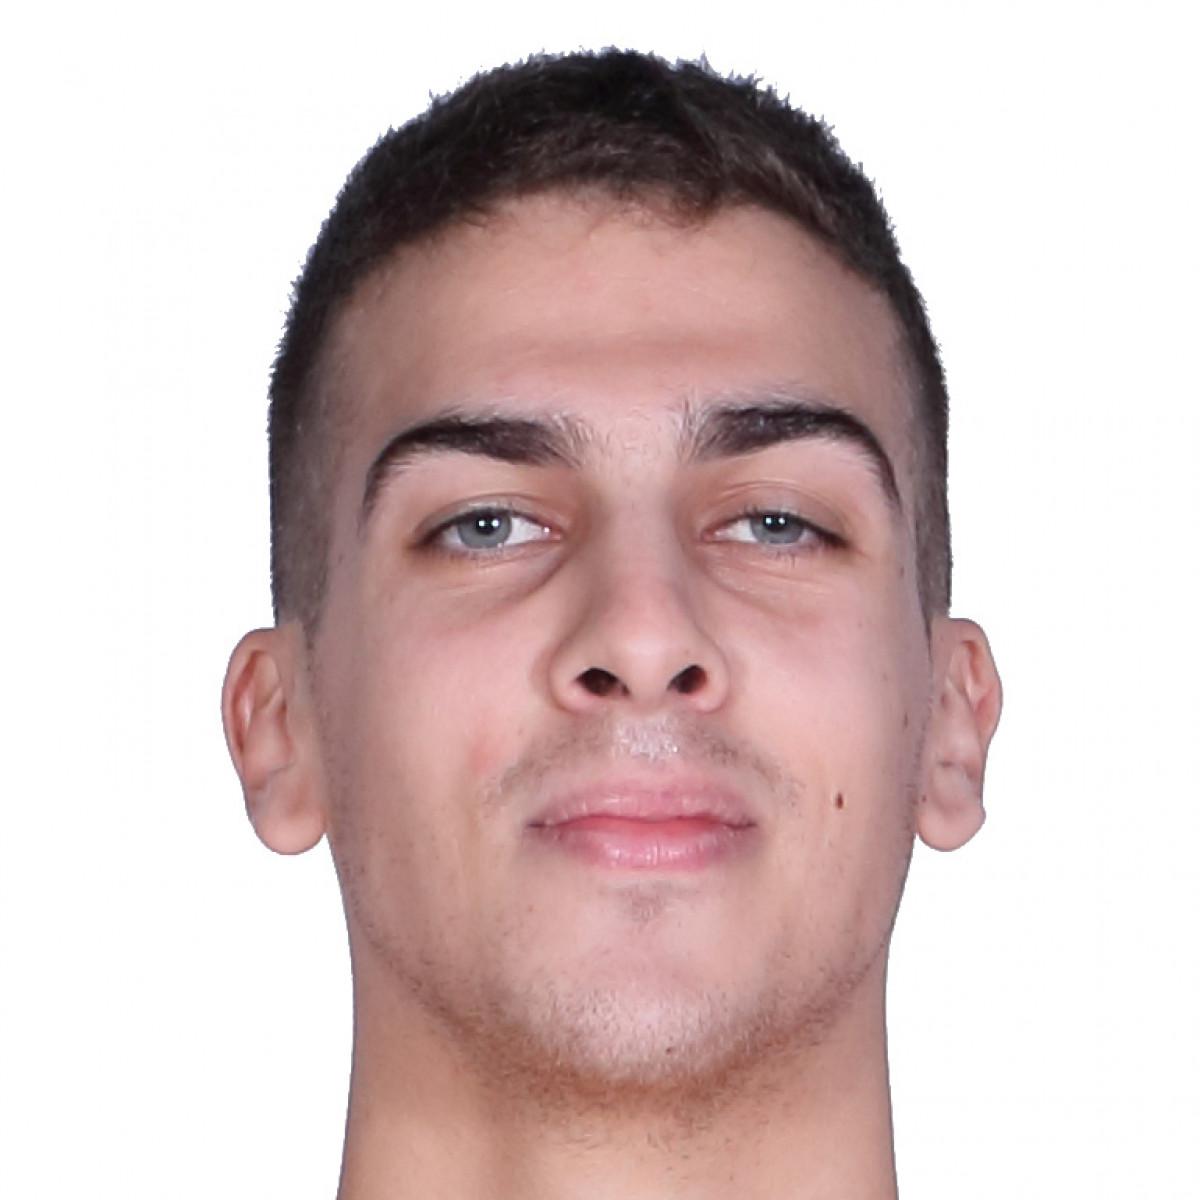 Konstantinos Oikonomopoulos